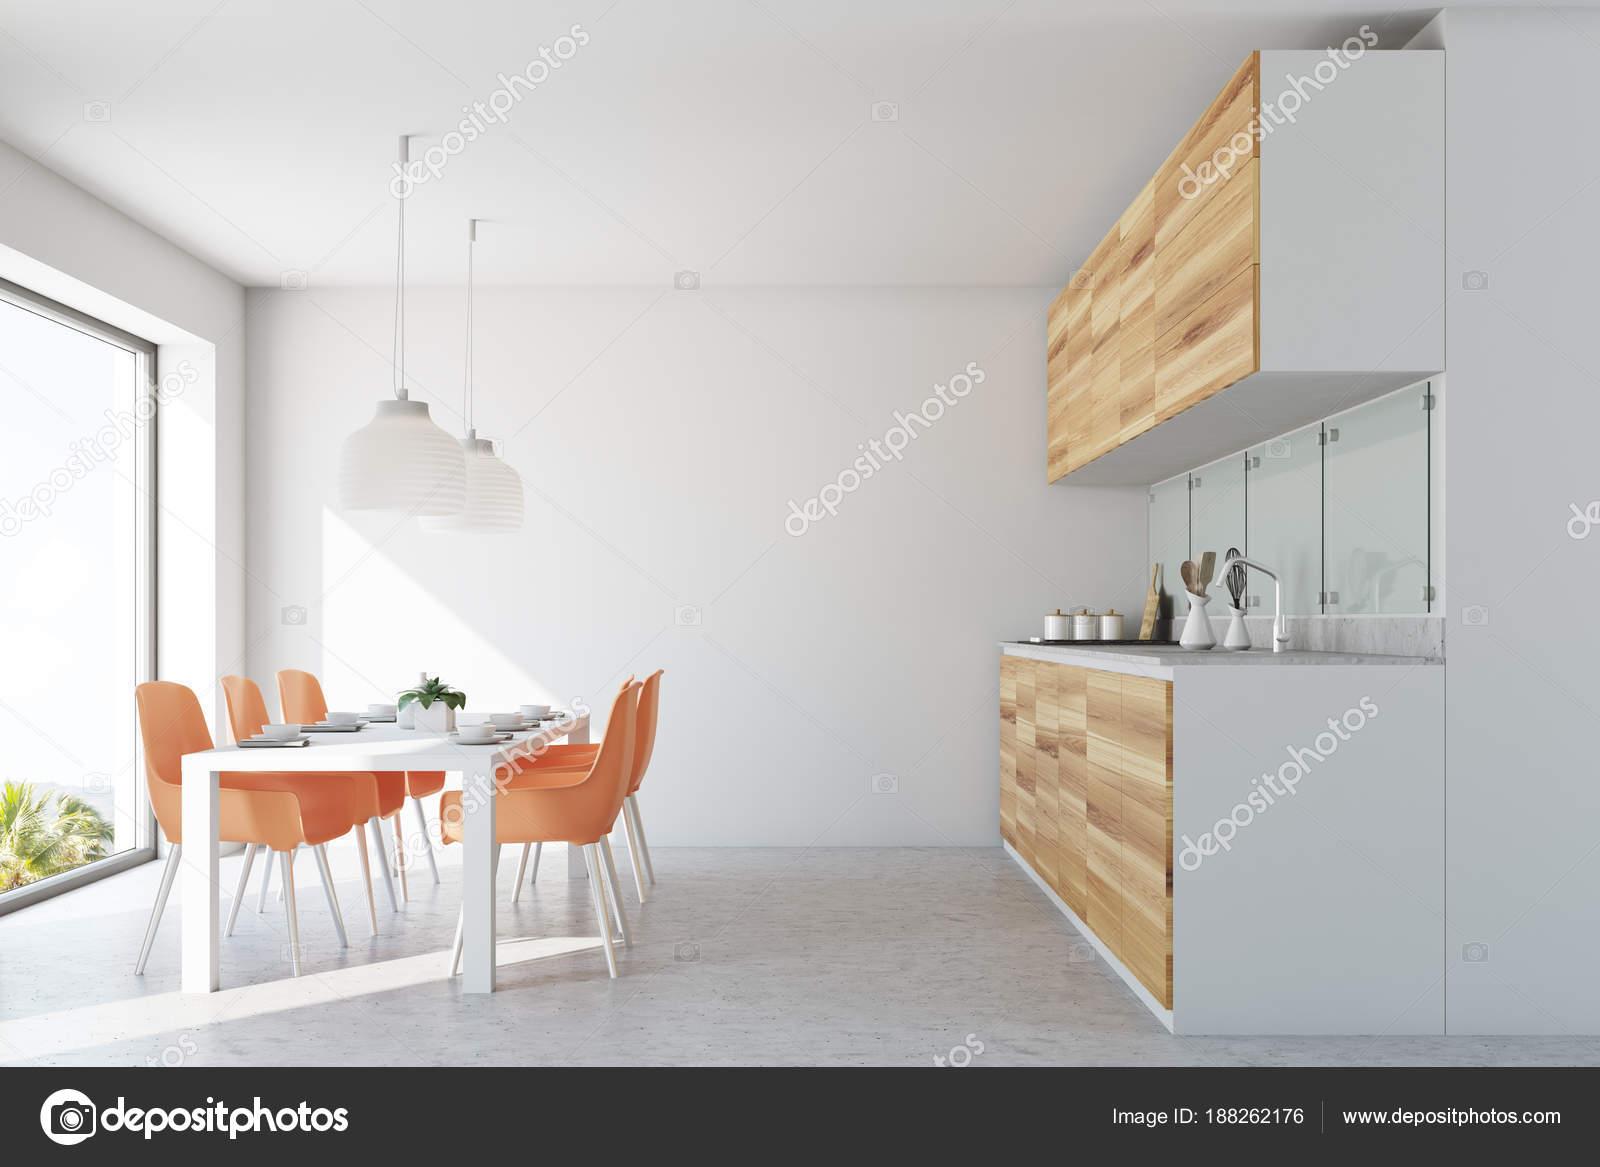 Eetkamer Van Oranje : Witte eetkamer kamer en keuken oranje stoelen u stockfoto